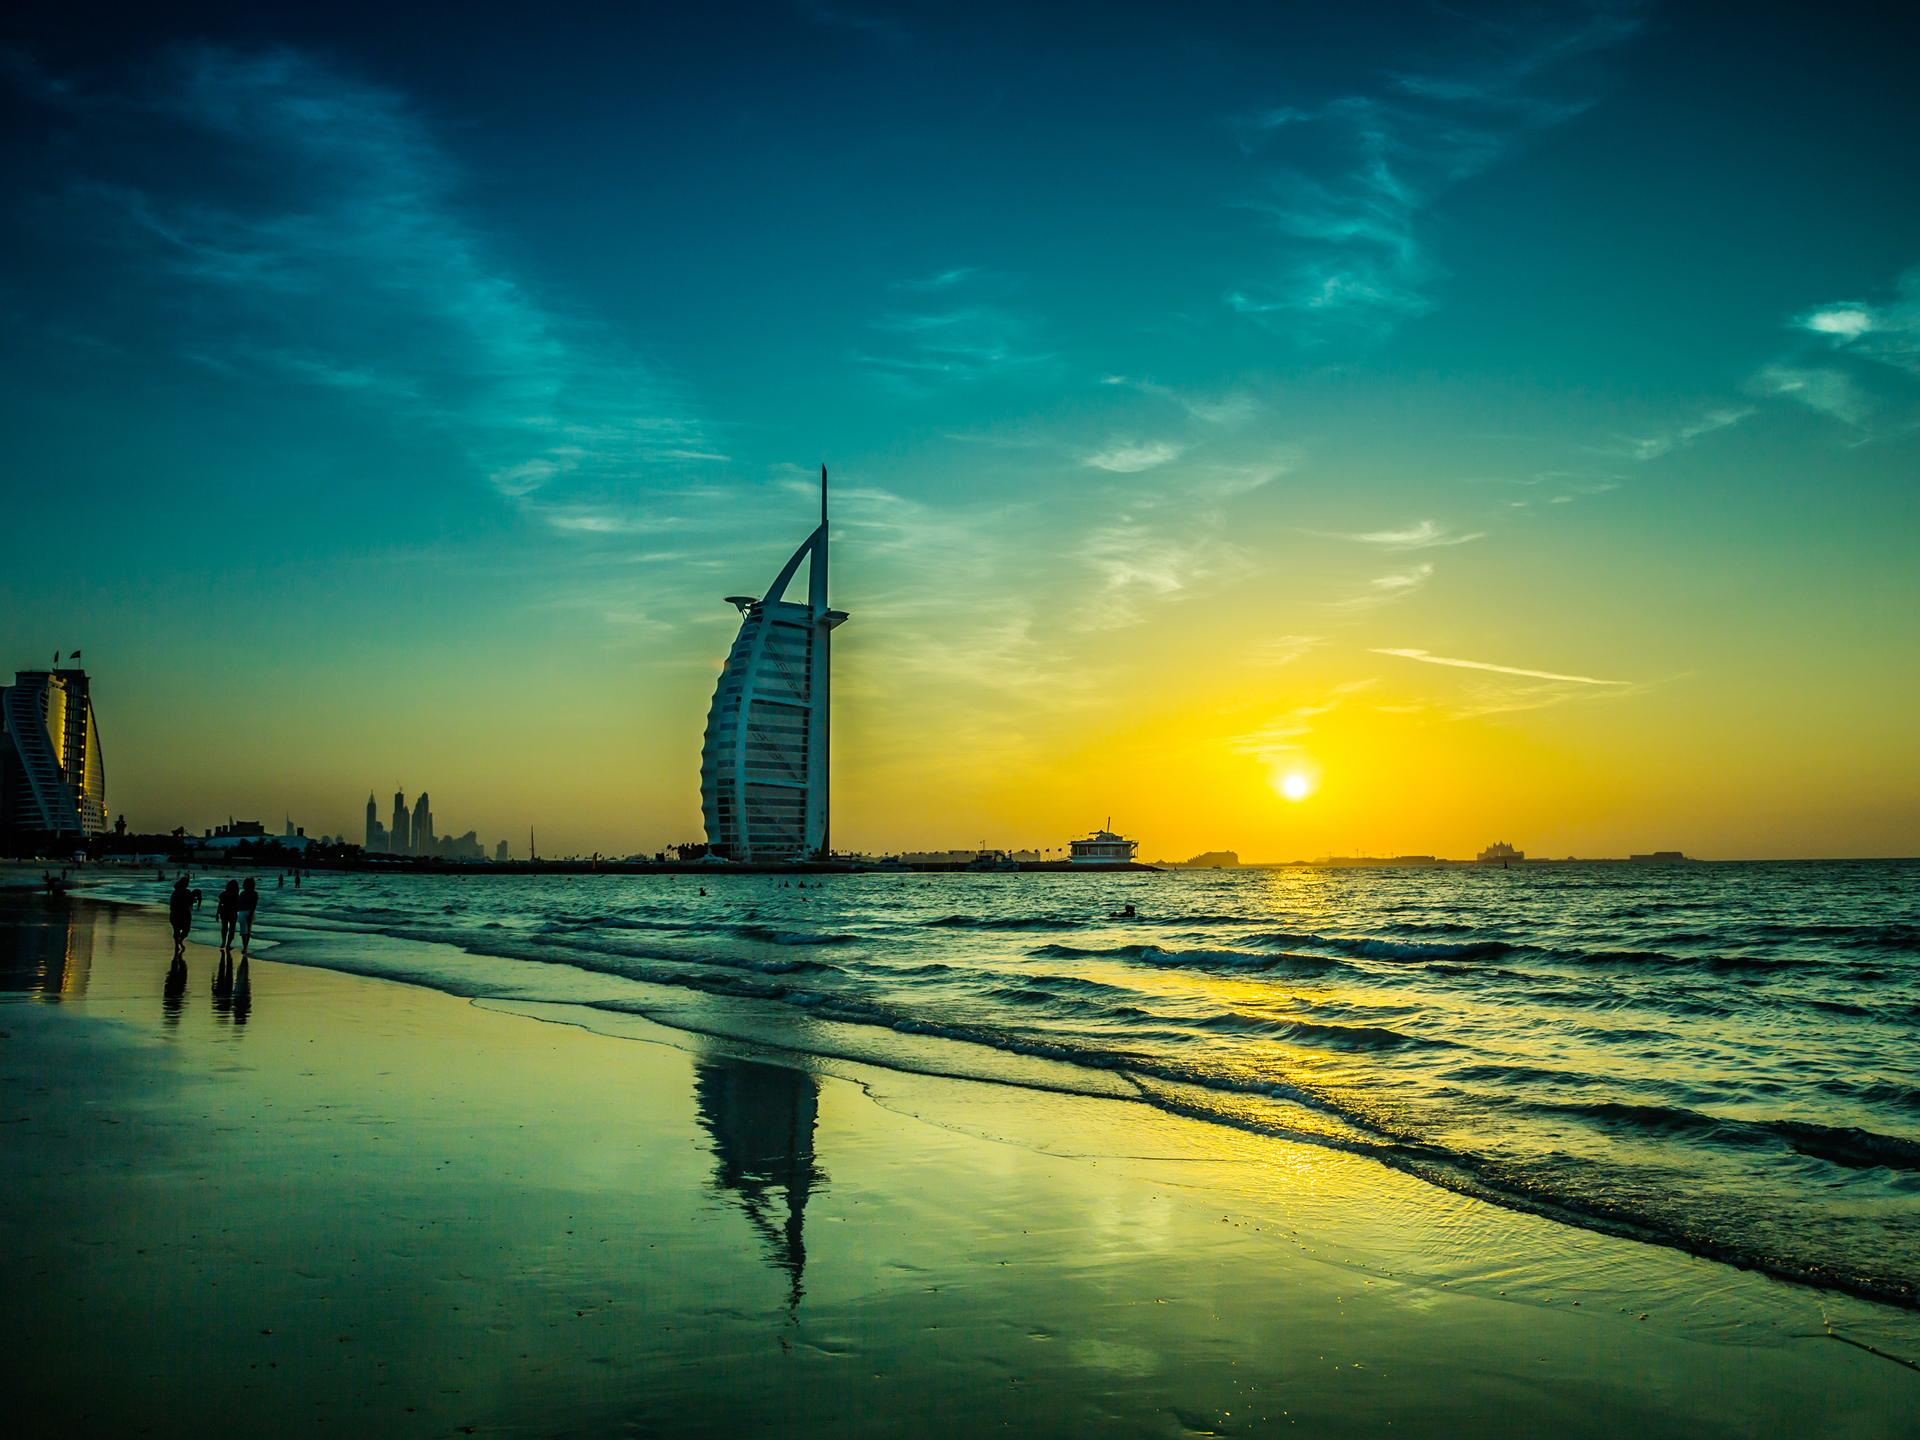 迪拜/阿布扎比6日游【EK往返直飞/五星/六七八星酒店餐】,含冲沙,迪拜塔,法拉利公园,阿布扎比卢浮宫,奇迹花园